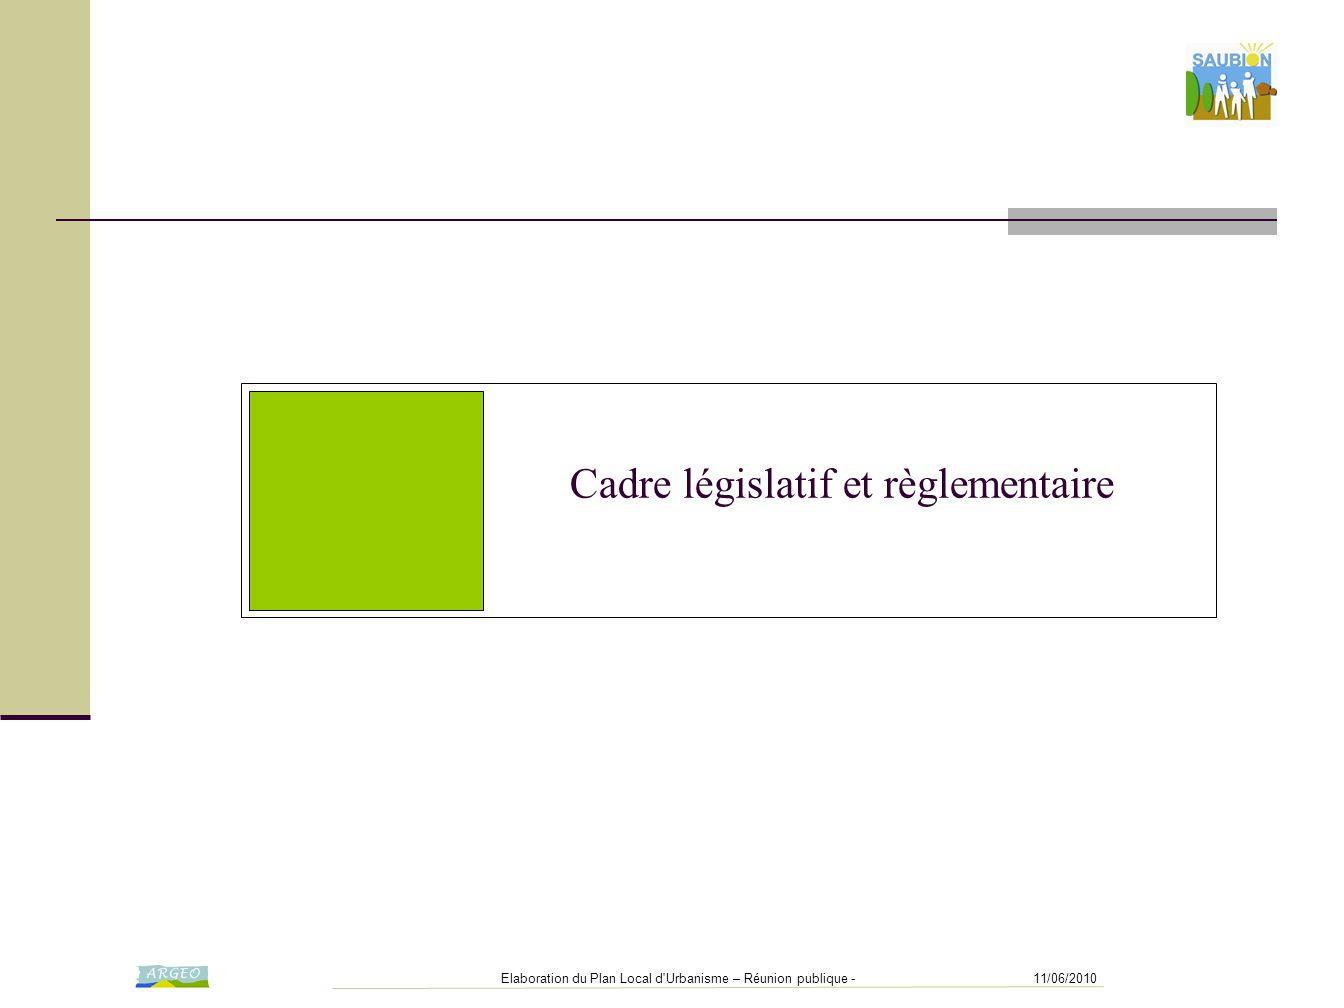 11/06/2010Elaboration du Plan Local d'Urbanisme – Réunion publique - Cadre législatif et règlementaire